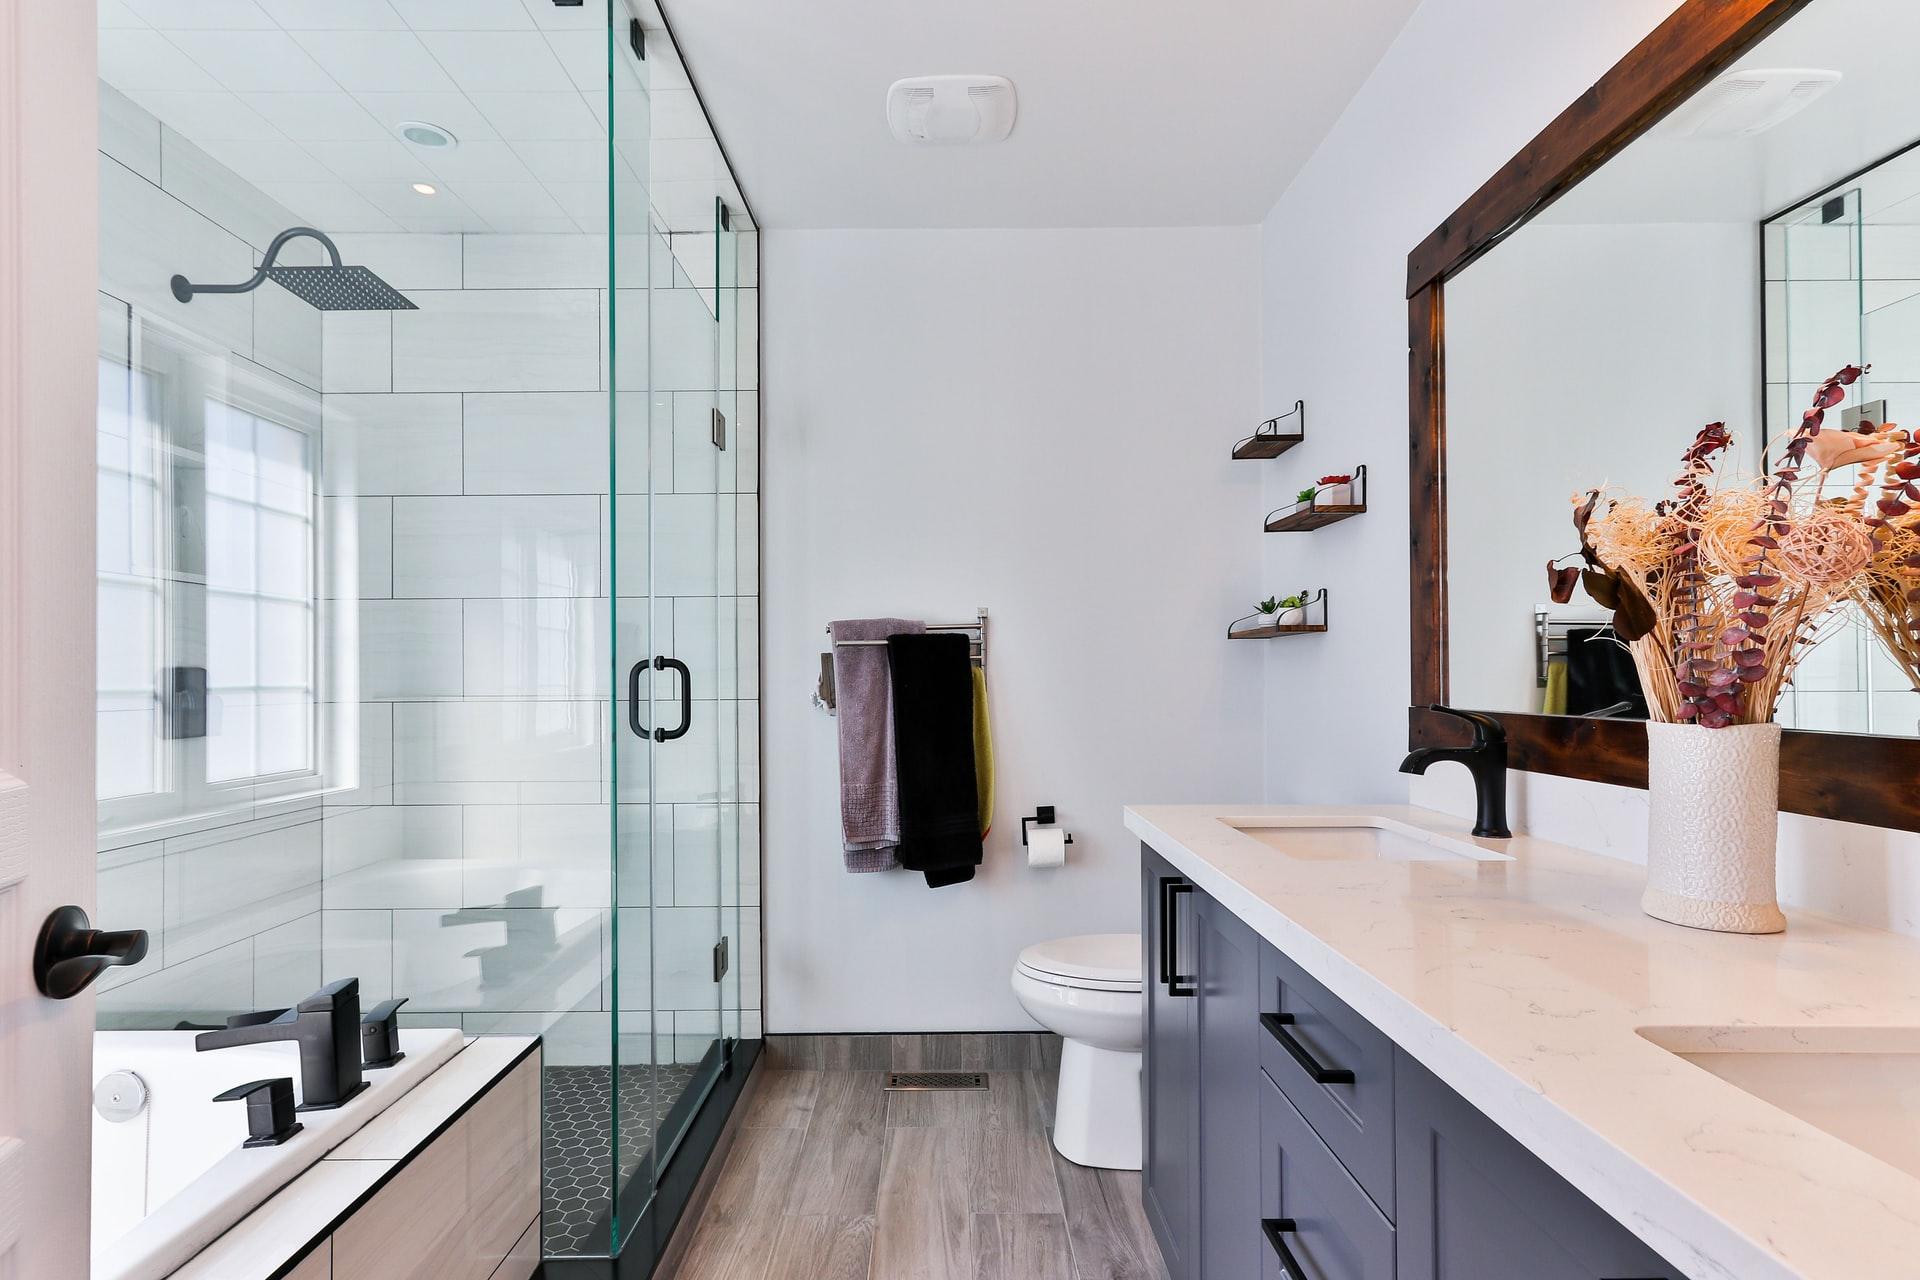 ¿Qué tipo de mampara de ducha es mejor? Claves en función de baños y usuarios